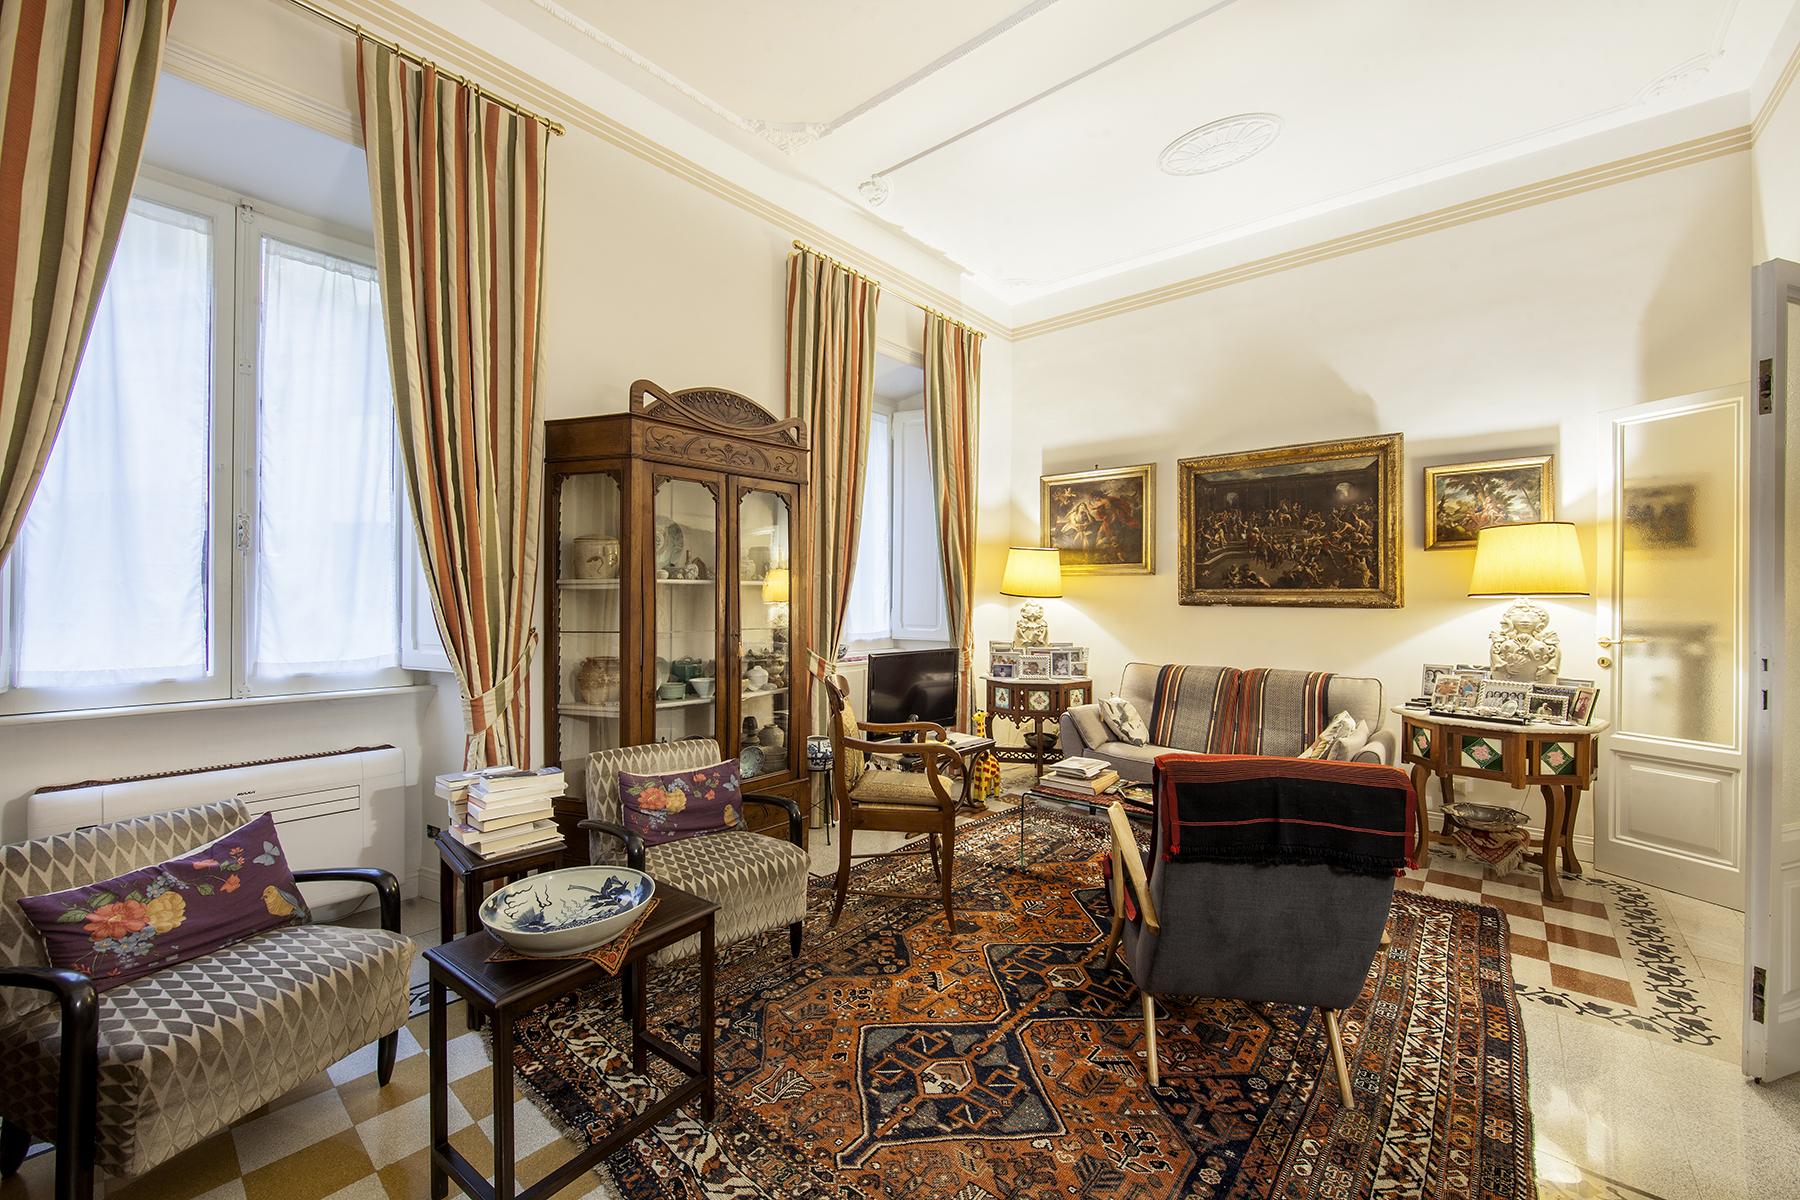 Appartamento di lusso in vendita a roma piazza sallustio for Appartamenti vendita roma